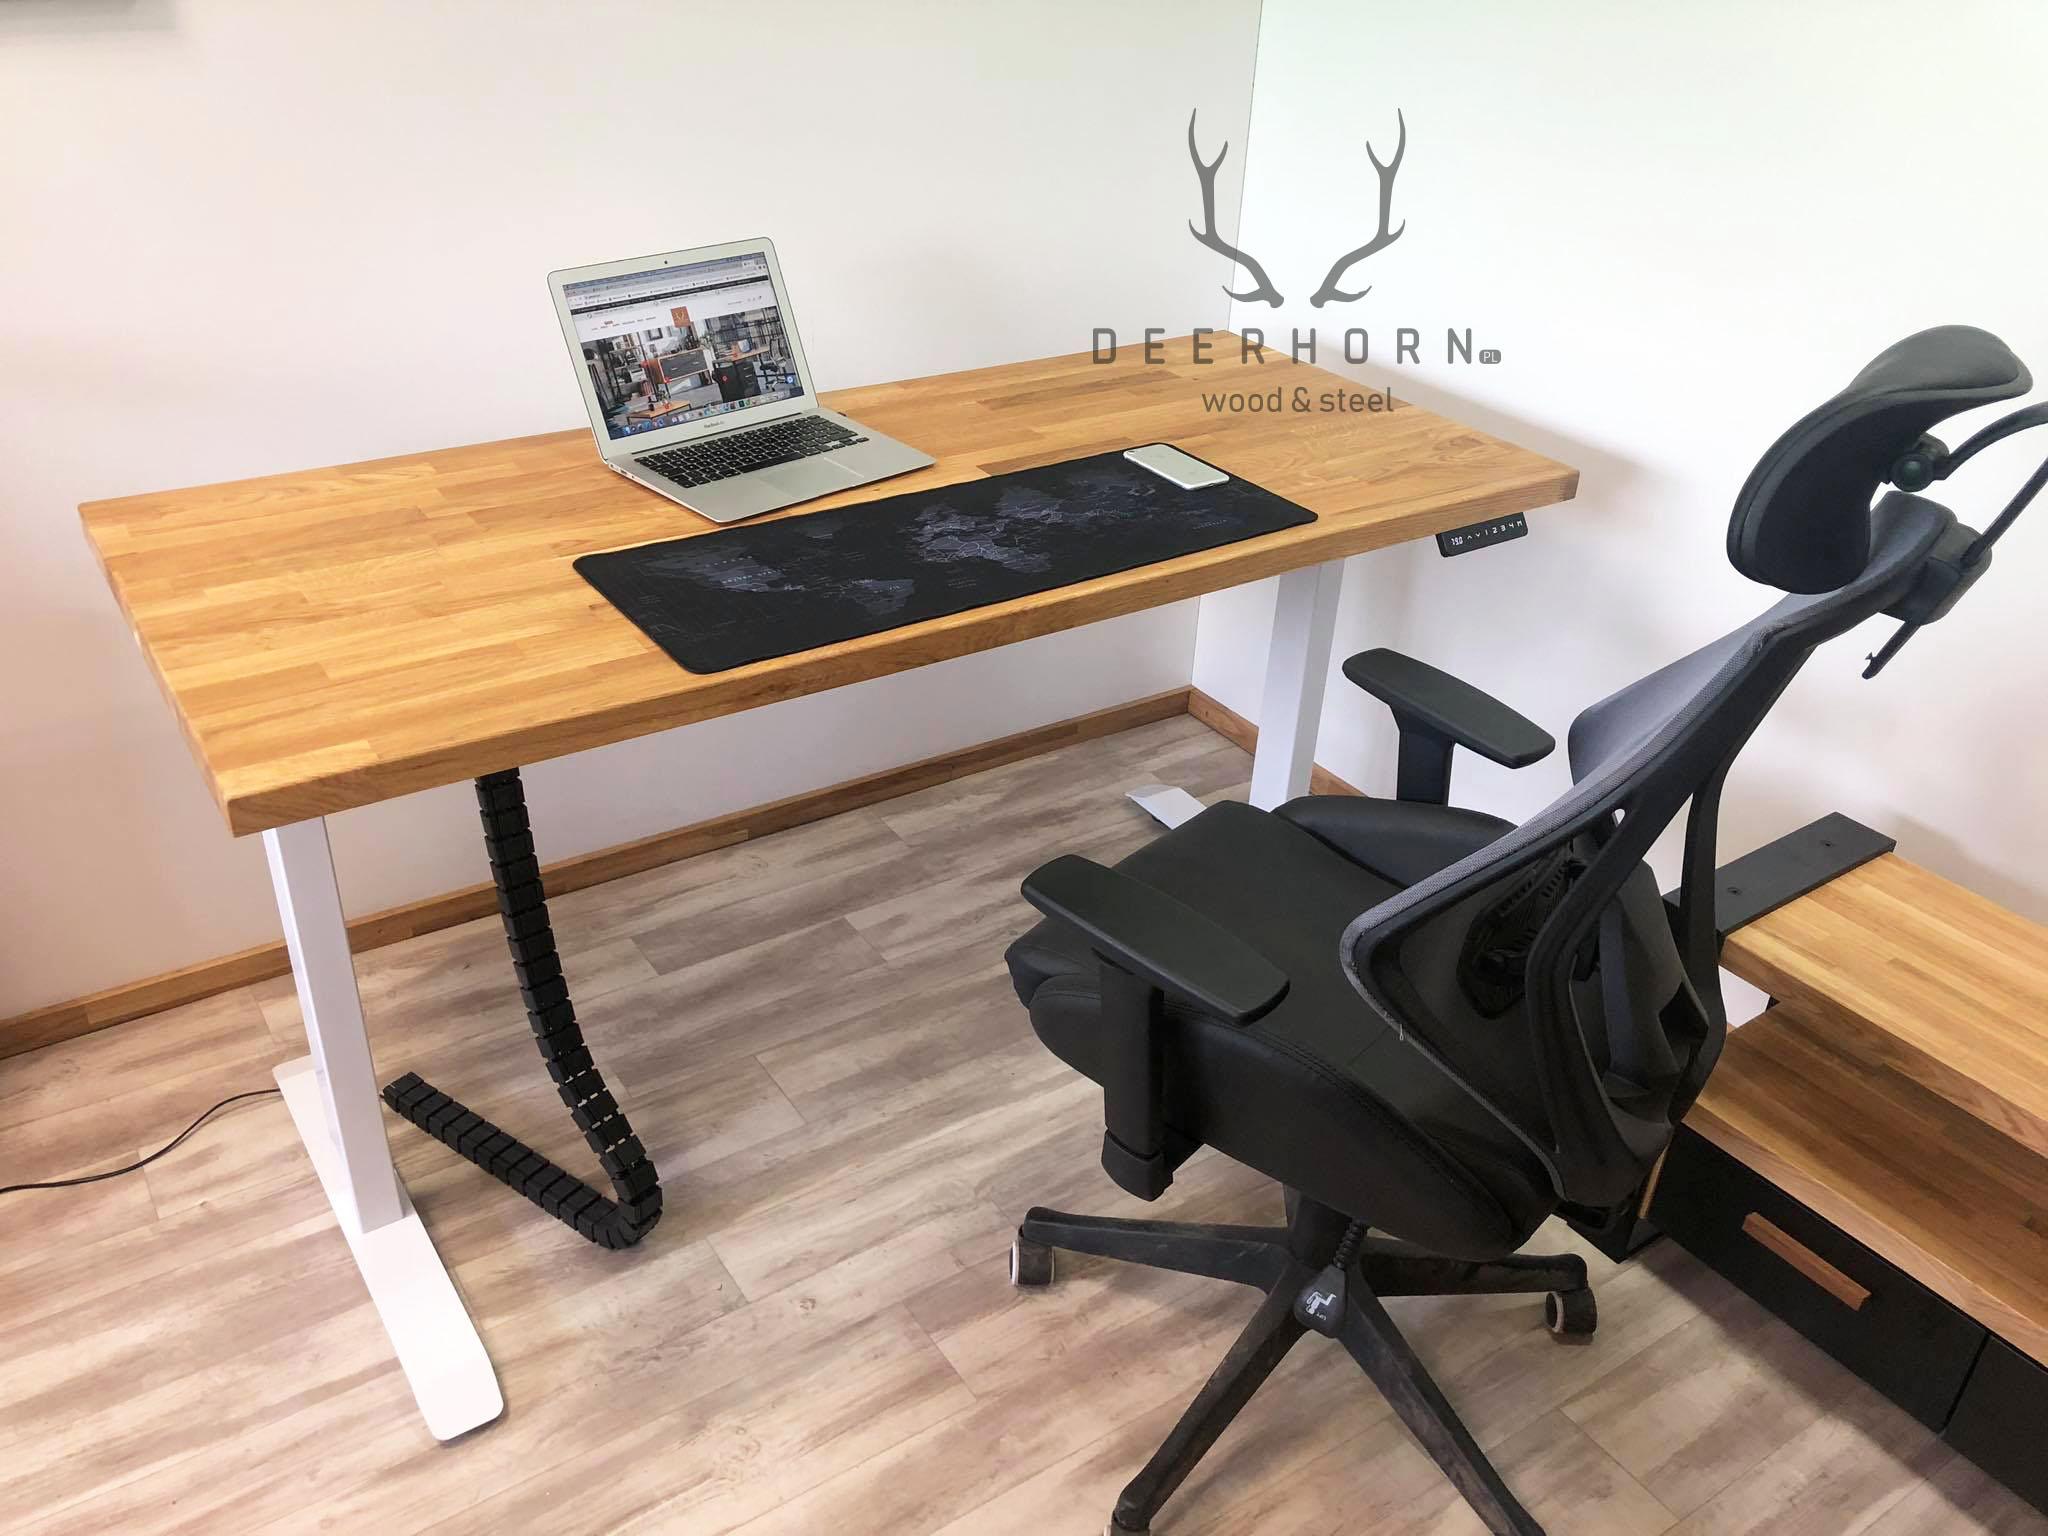 Białe biurko z regulacją wysokości i drewnianym blatem 12x12cm